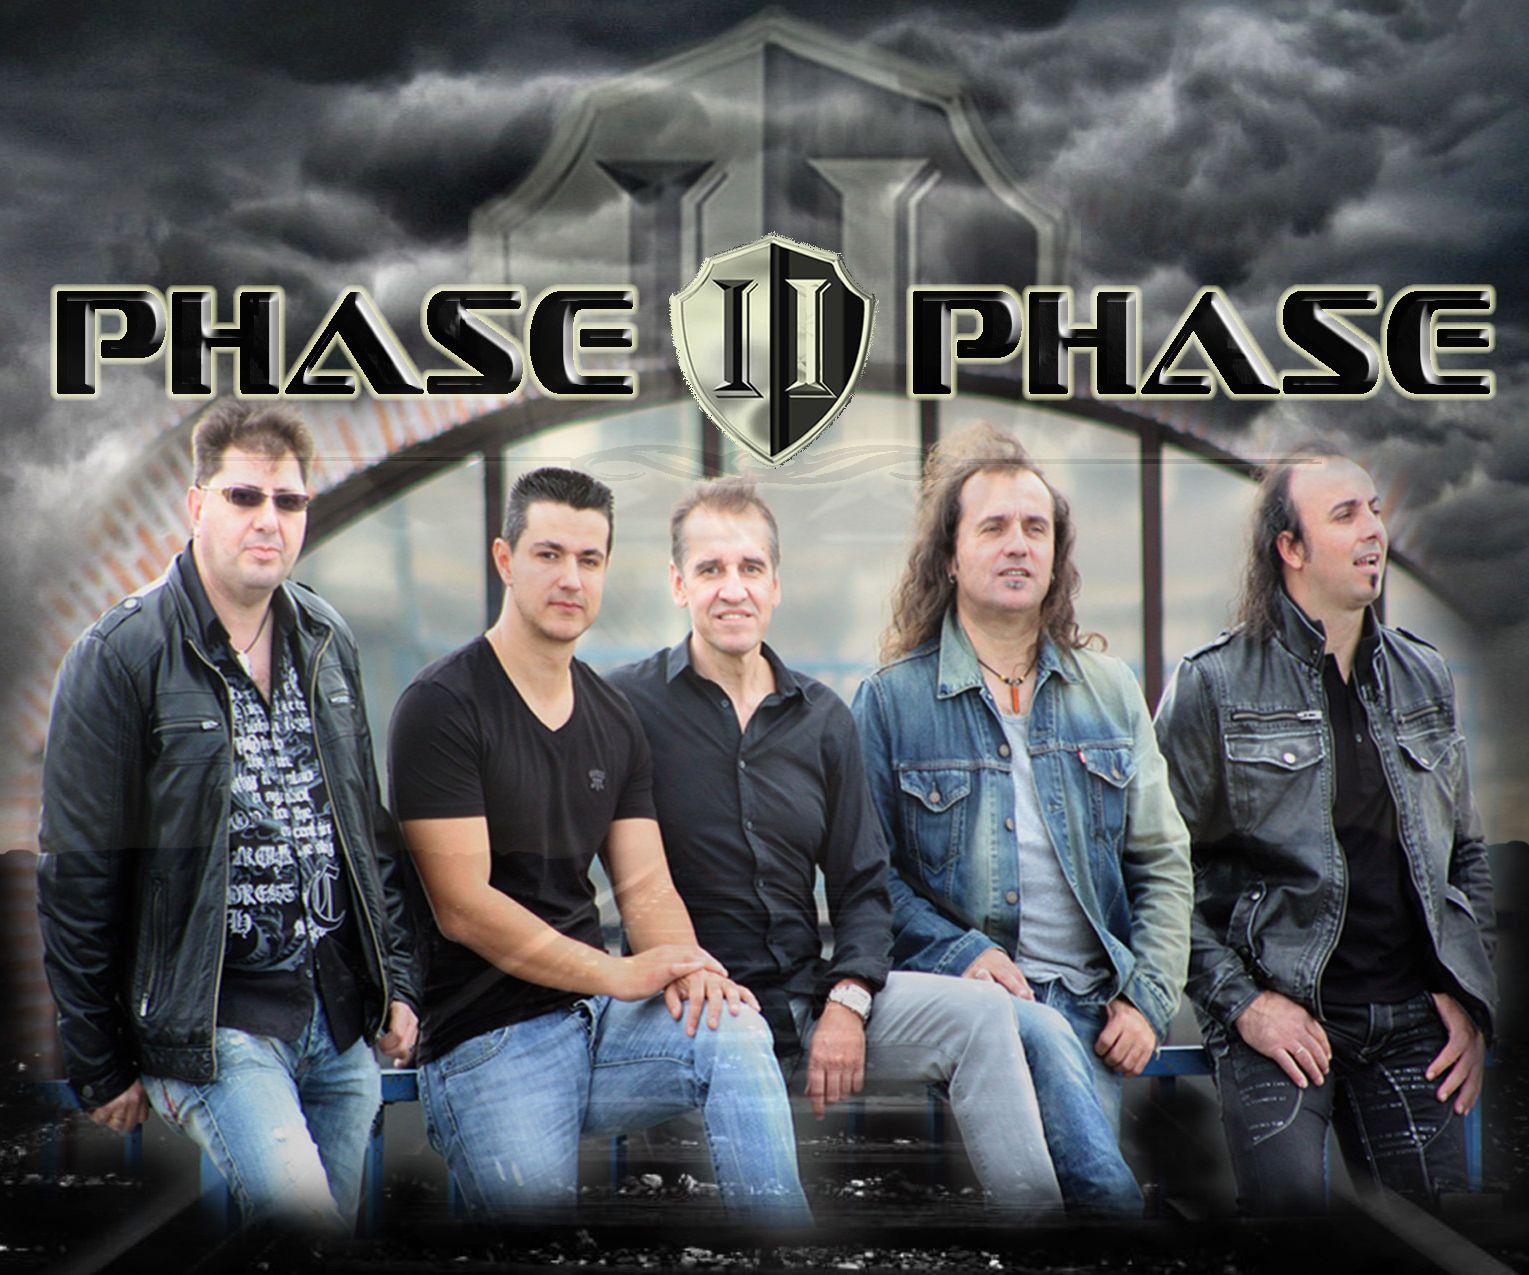 Primer disco de los madrileños Phase II Phase